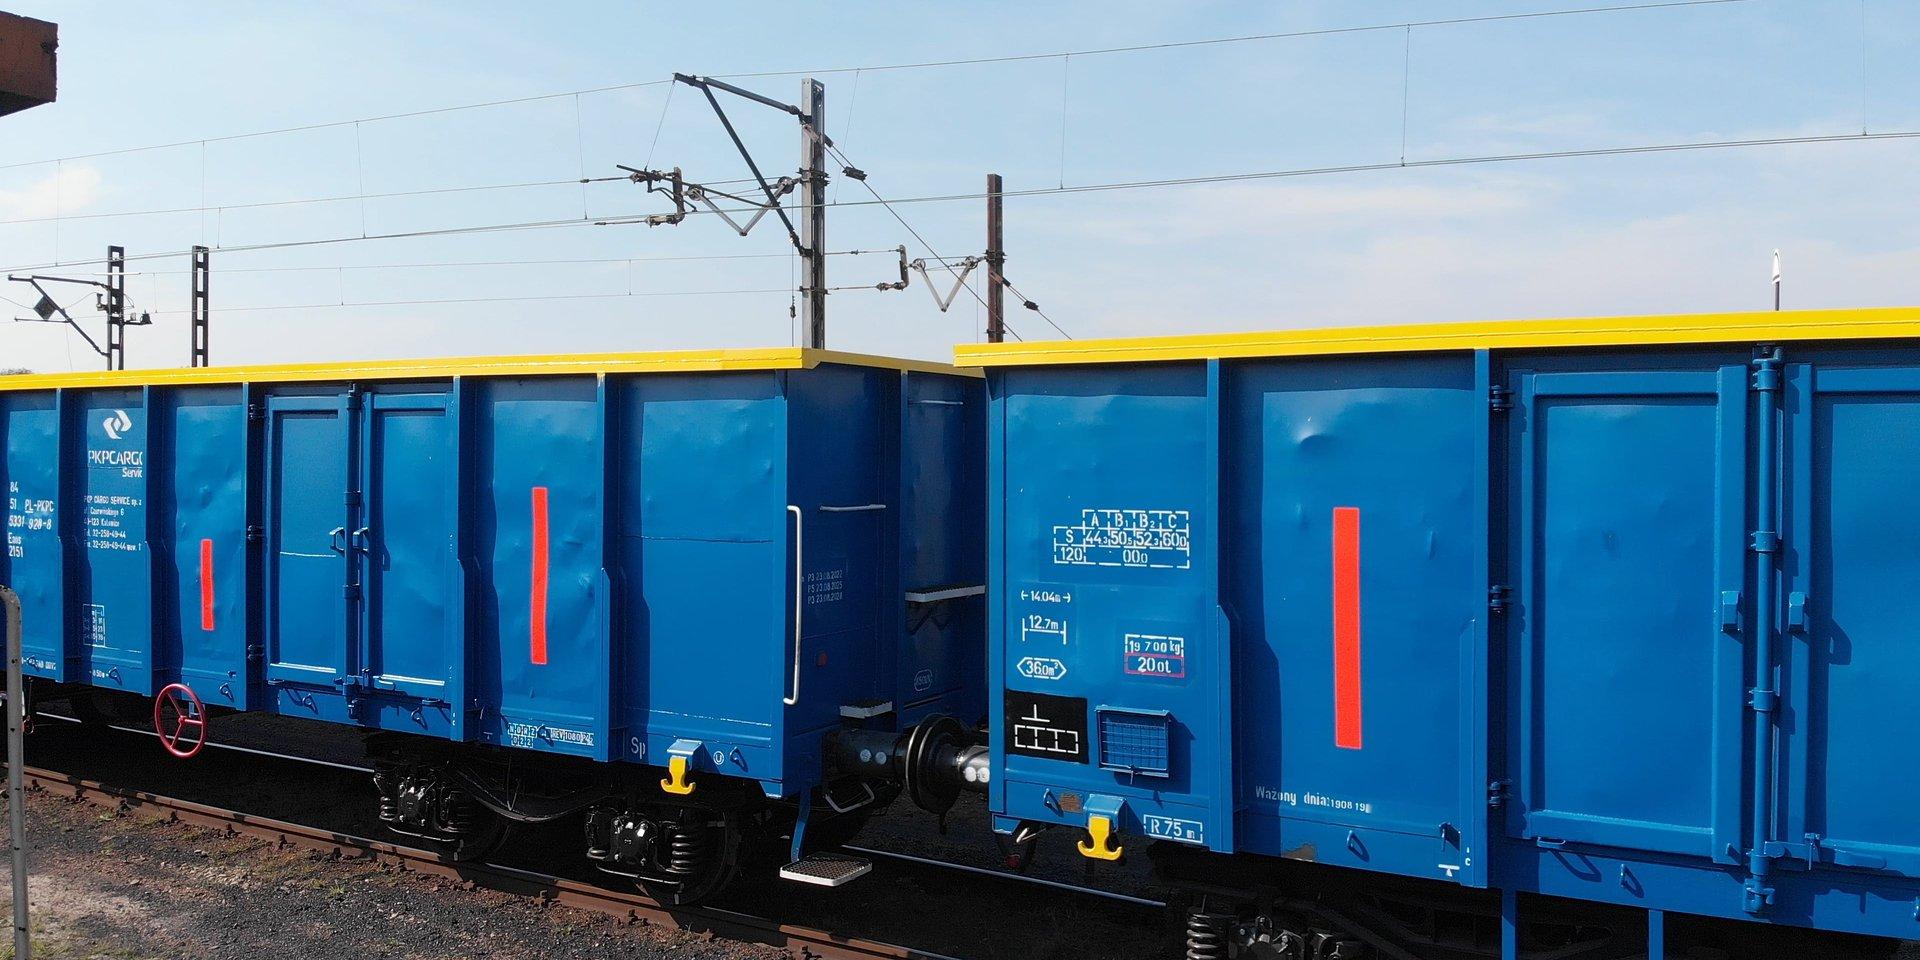 Proste rozwiązanie, wysoka skuteczność – odblaski 3M na wagonach PKP Cargo Service z międzynarodową nagrodą RailTech